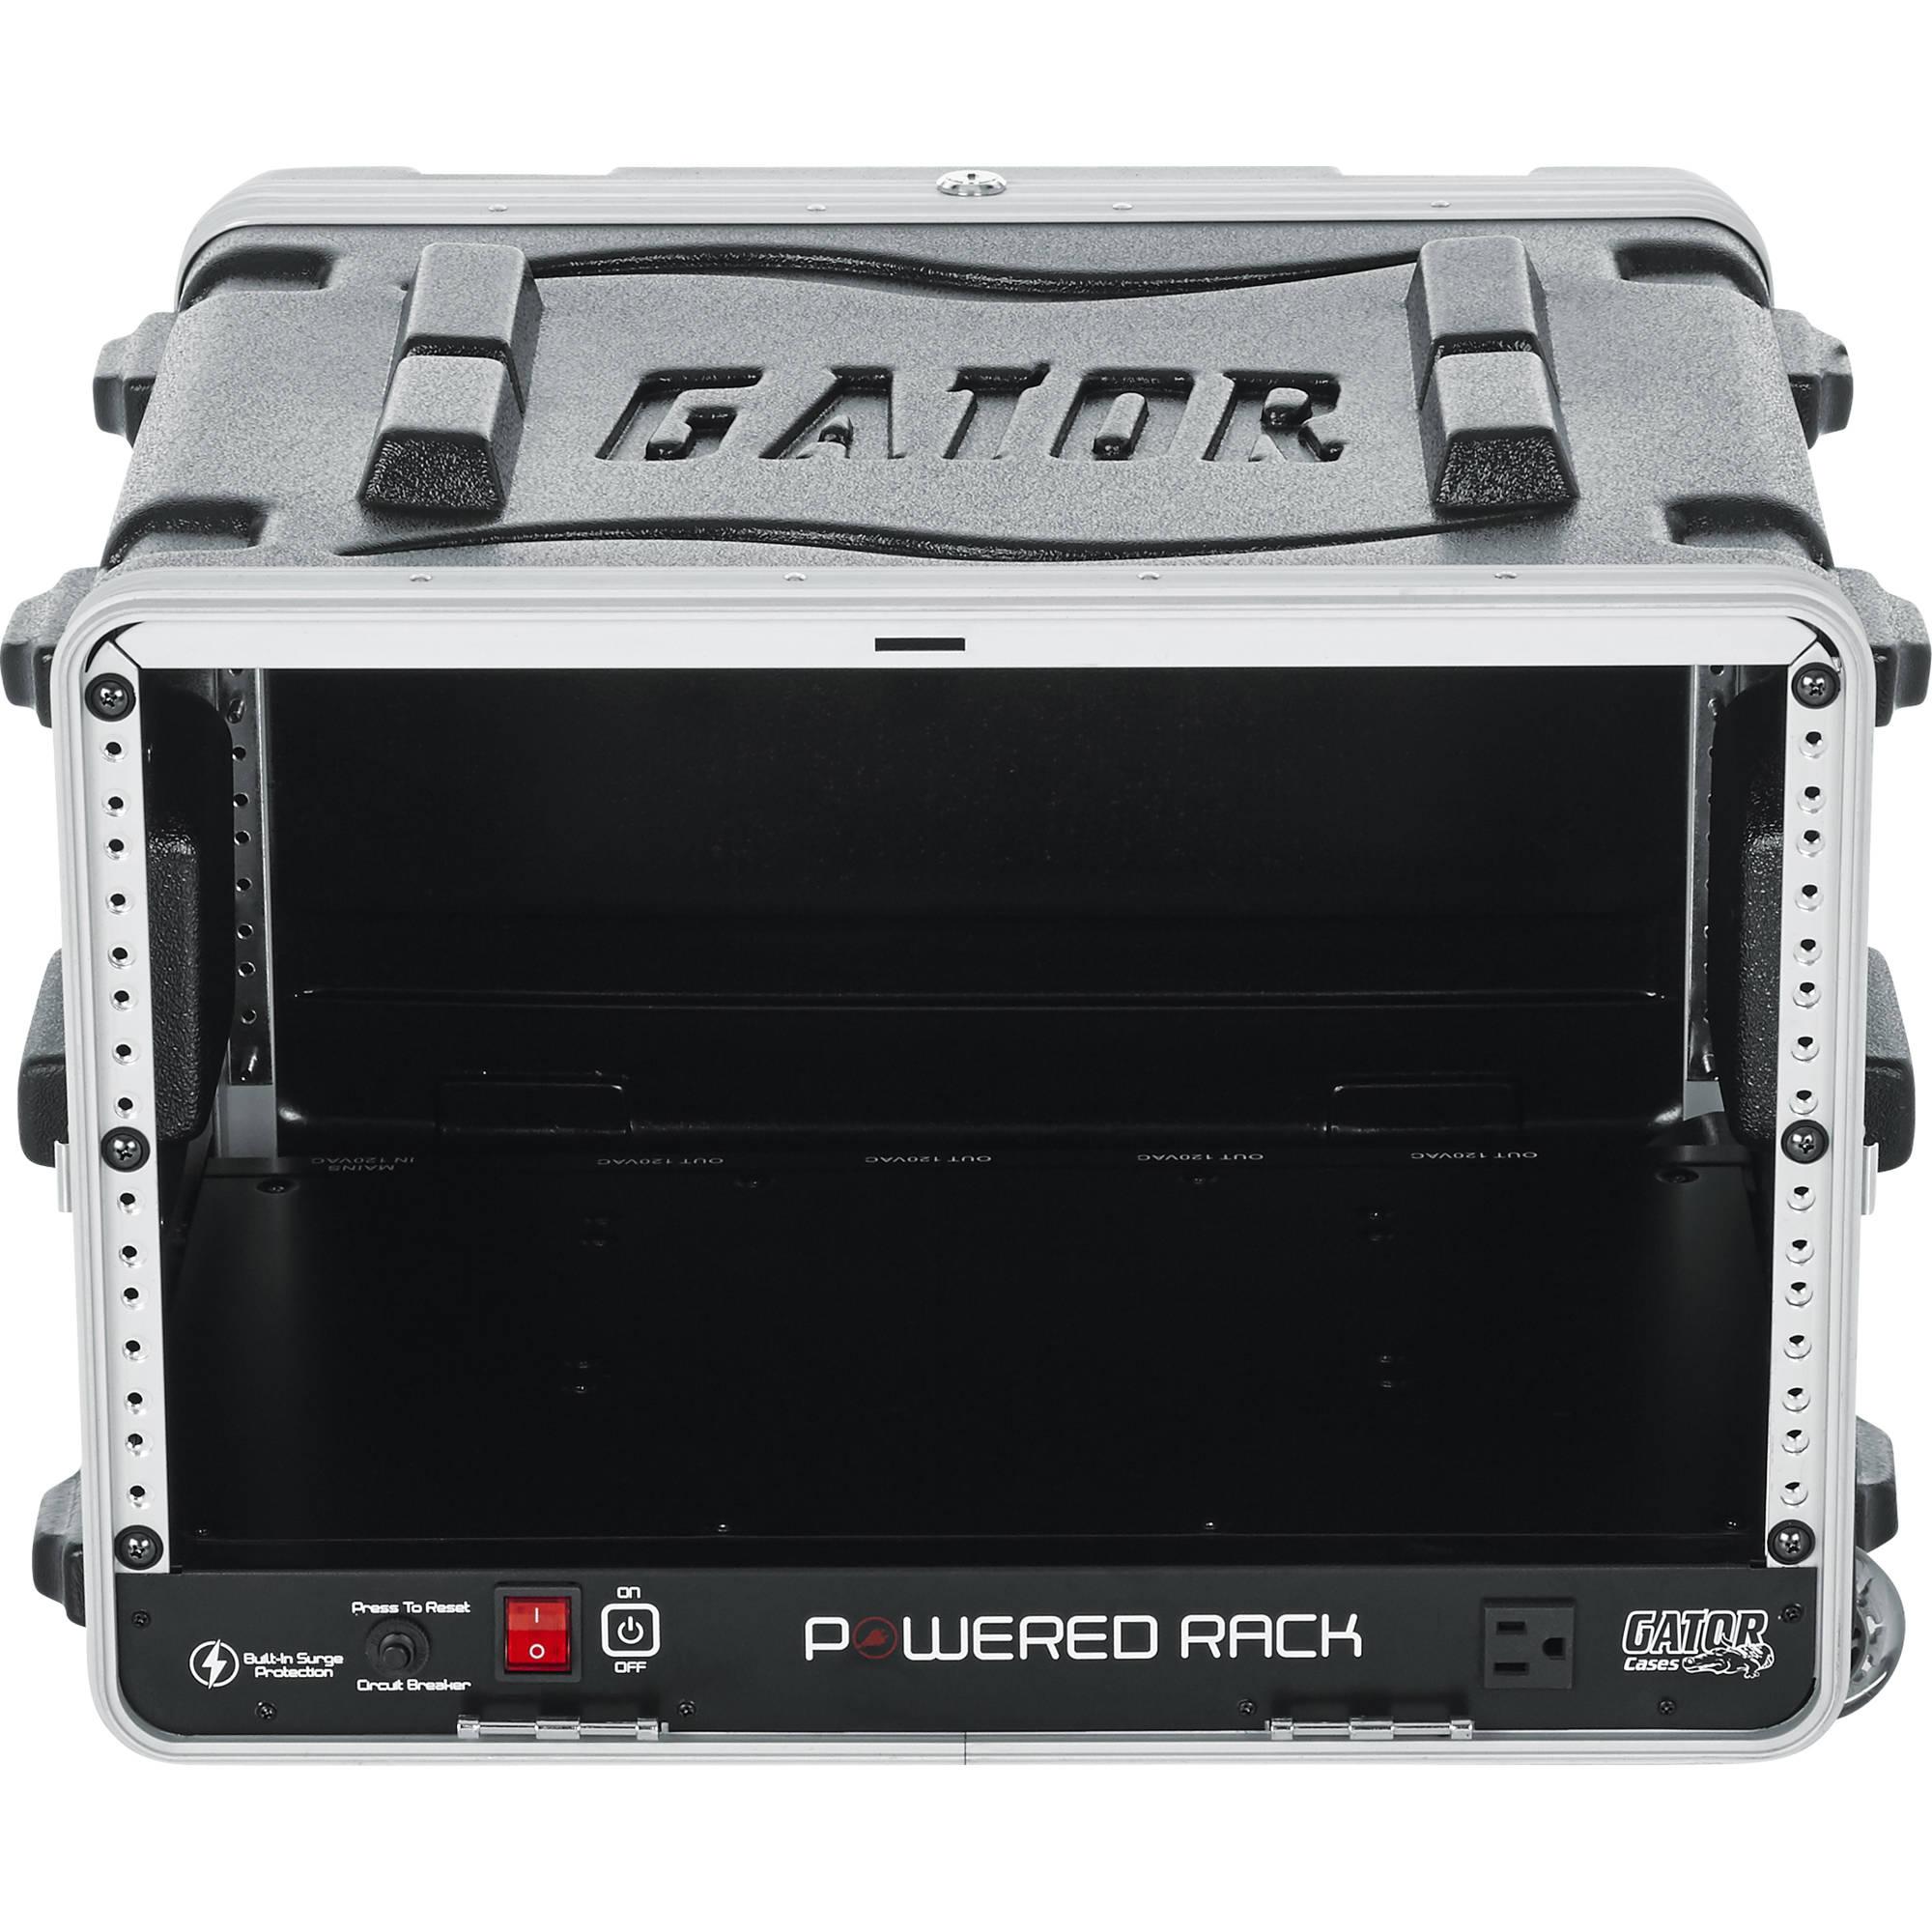 6d127a9c5216 Gator Cases GRR-6PL-US Powered Roller Rack Case GRR-6PL-US B&H